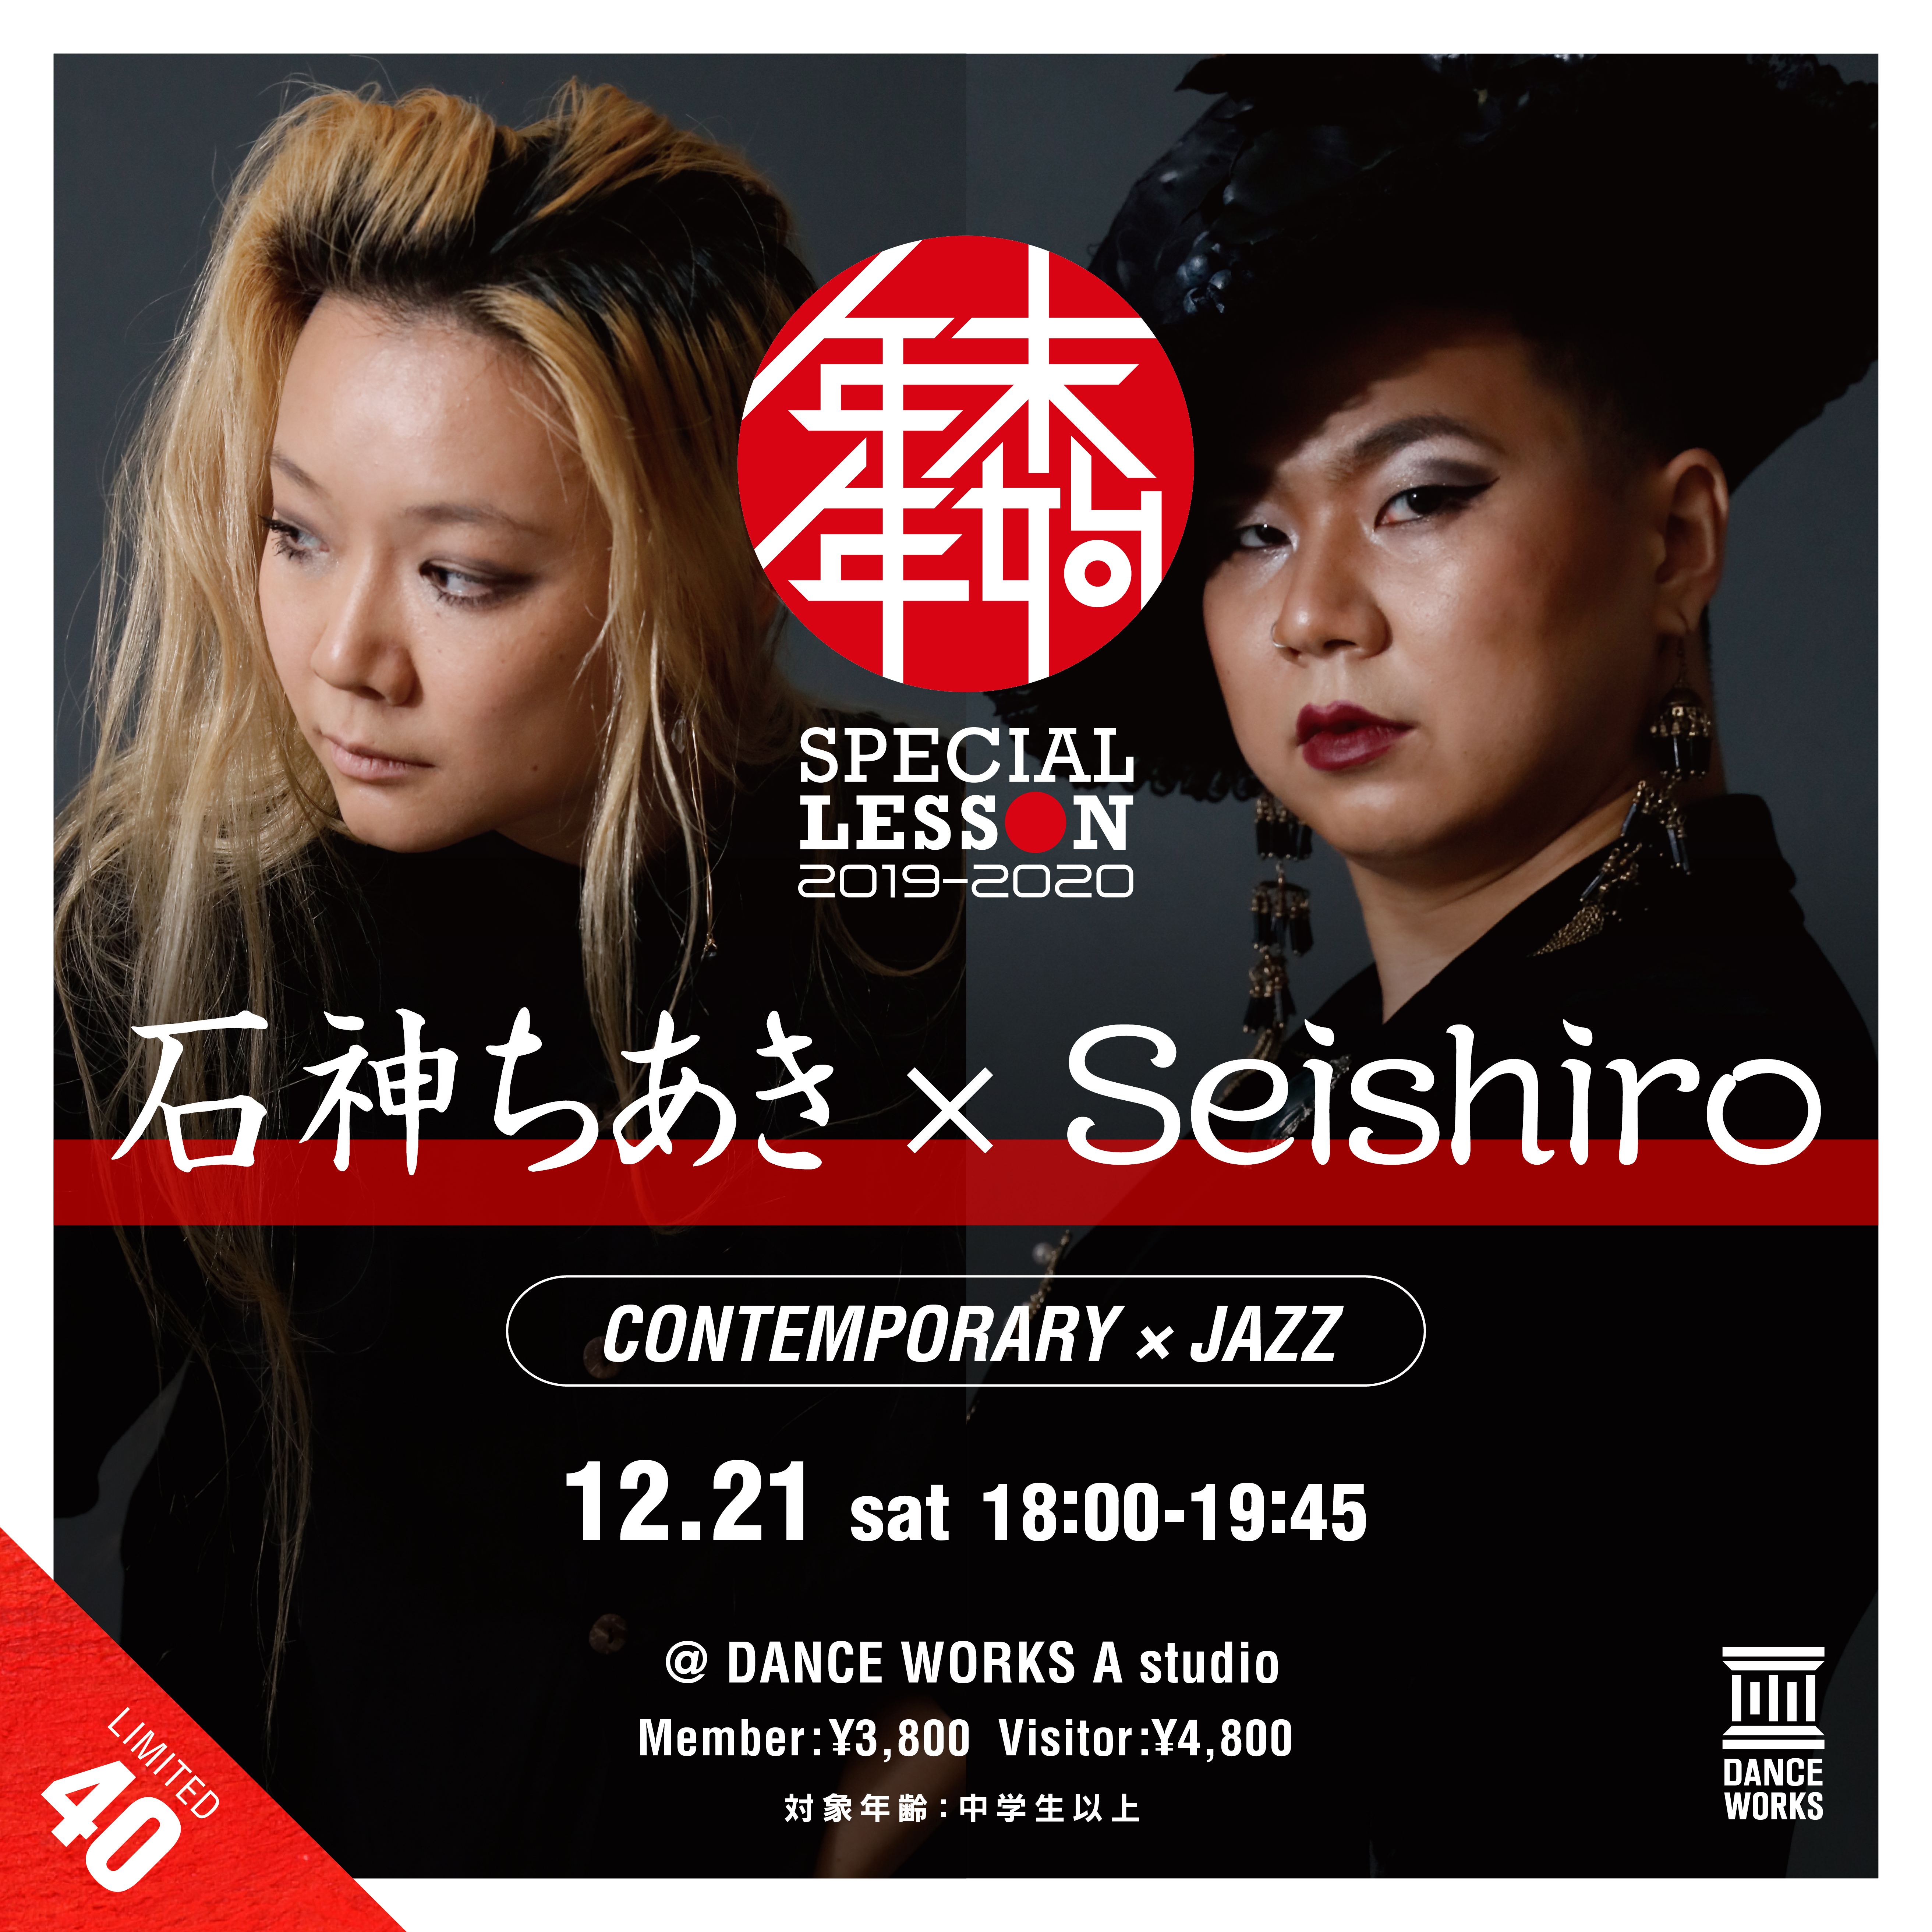 DANCE WORKS年末年始企画【石神ちあき×Seishiro】CONTEMPORARY×JAZZ ワークショップ開催